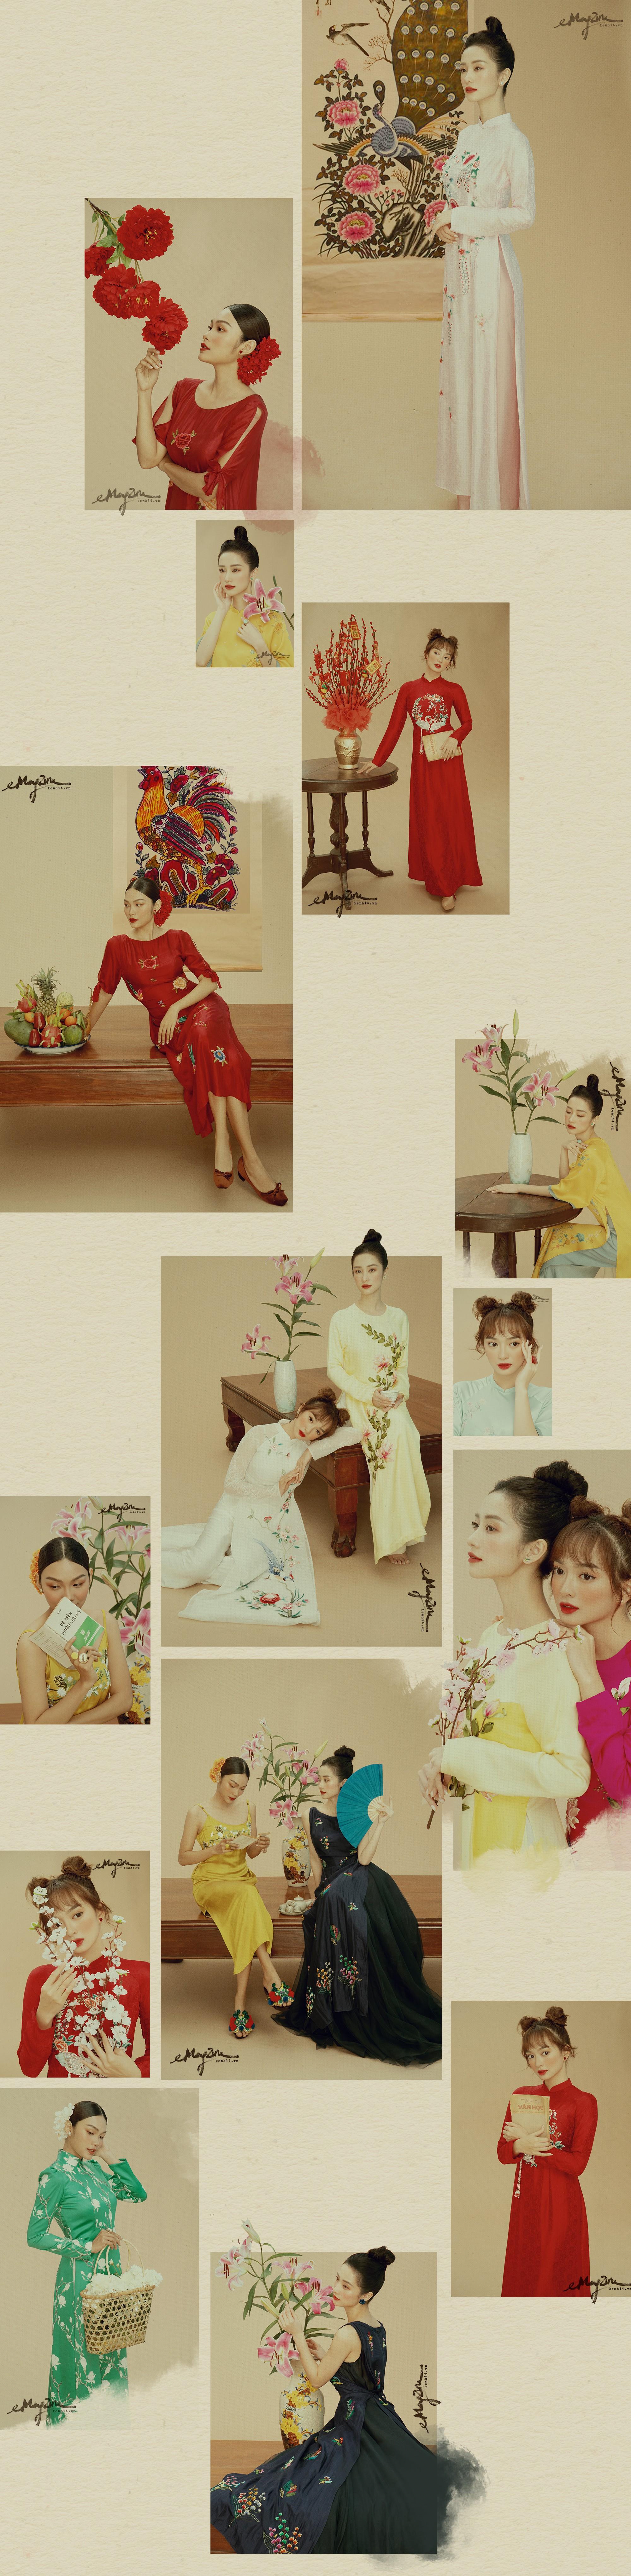 3 ngọc nữ mới của showbiz Jun Vũ, Kaity, Thanh Tú khoe vẻ đẹp thanh xuân trong bộ ảnh áo dài đầu năm - Ảnh 2.